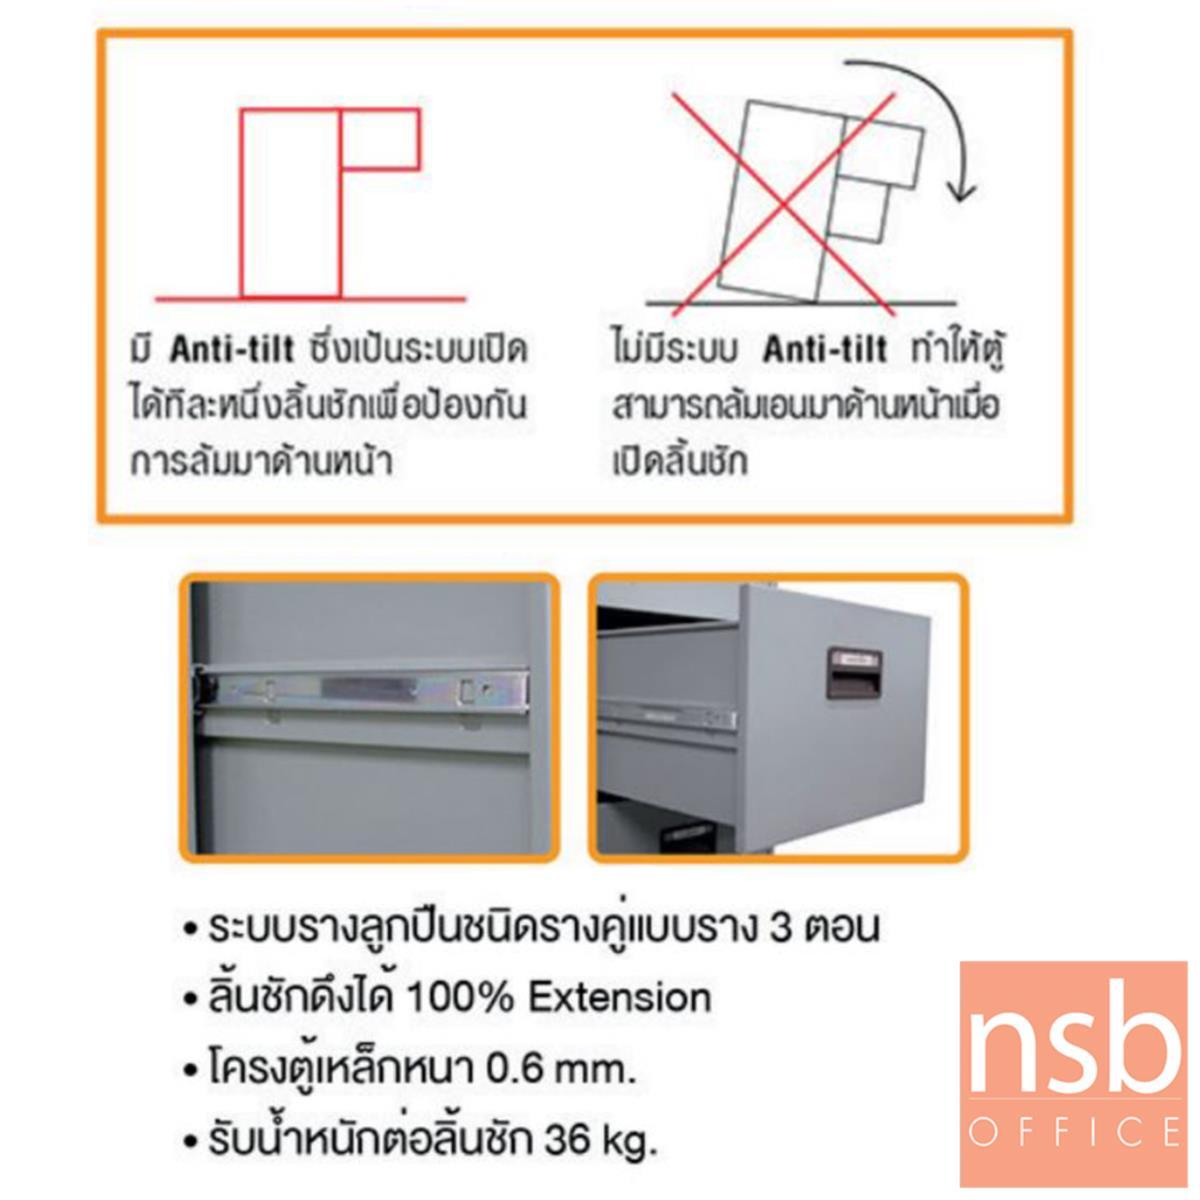 ตู้ลิ้นชักแฟ้มแขวน 4 ลิ้นชัก (มีระบบป้องกันทางล้ม Anti tilt) รุ่น FC-954